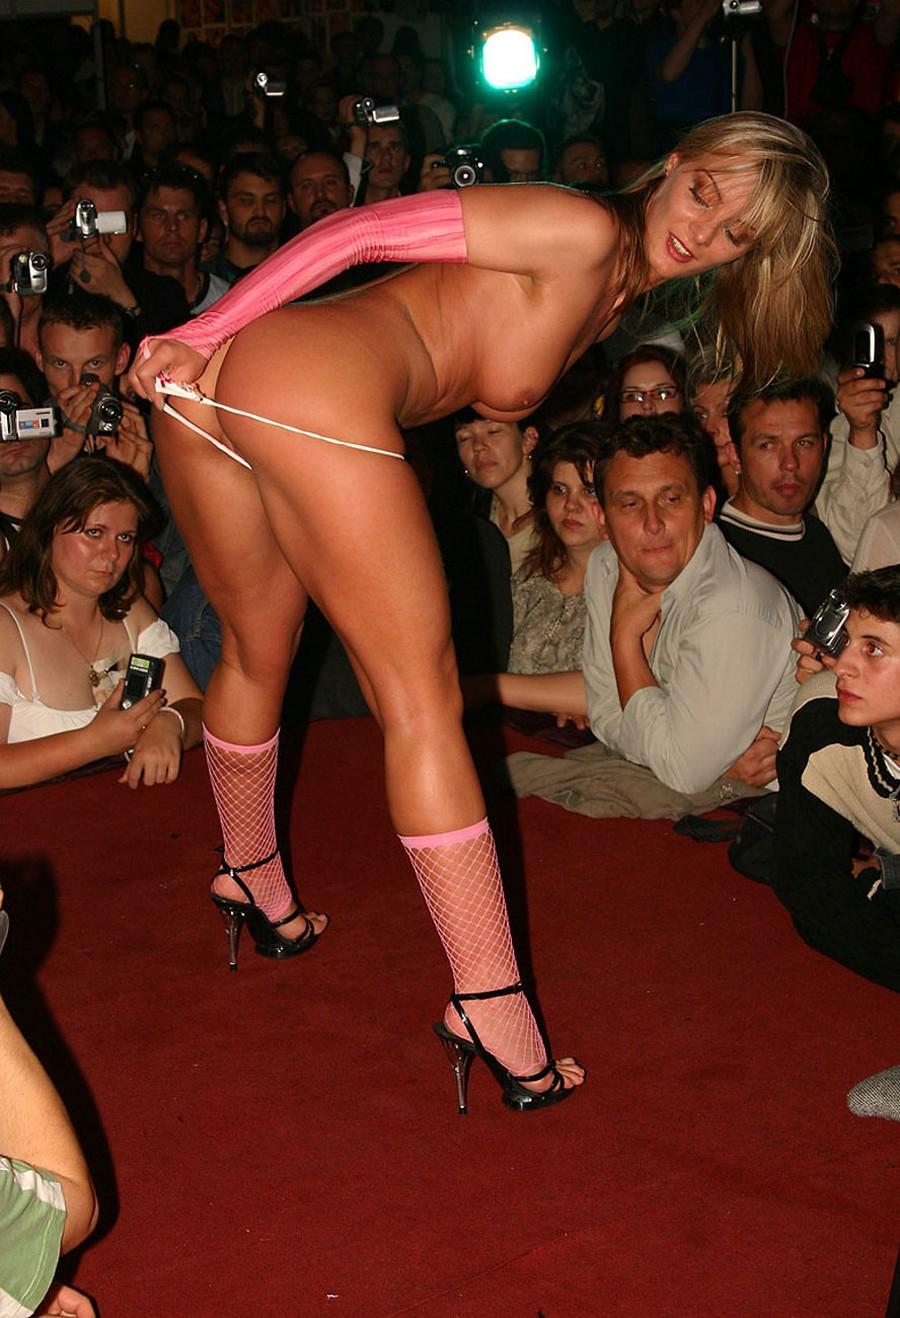 Эротические шоу от пентхаус смотреть онлайн бесплатно 22 фотография